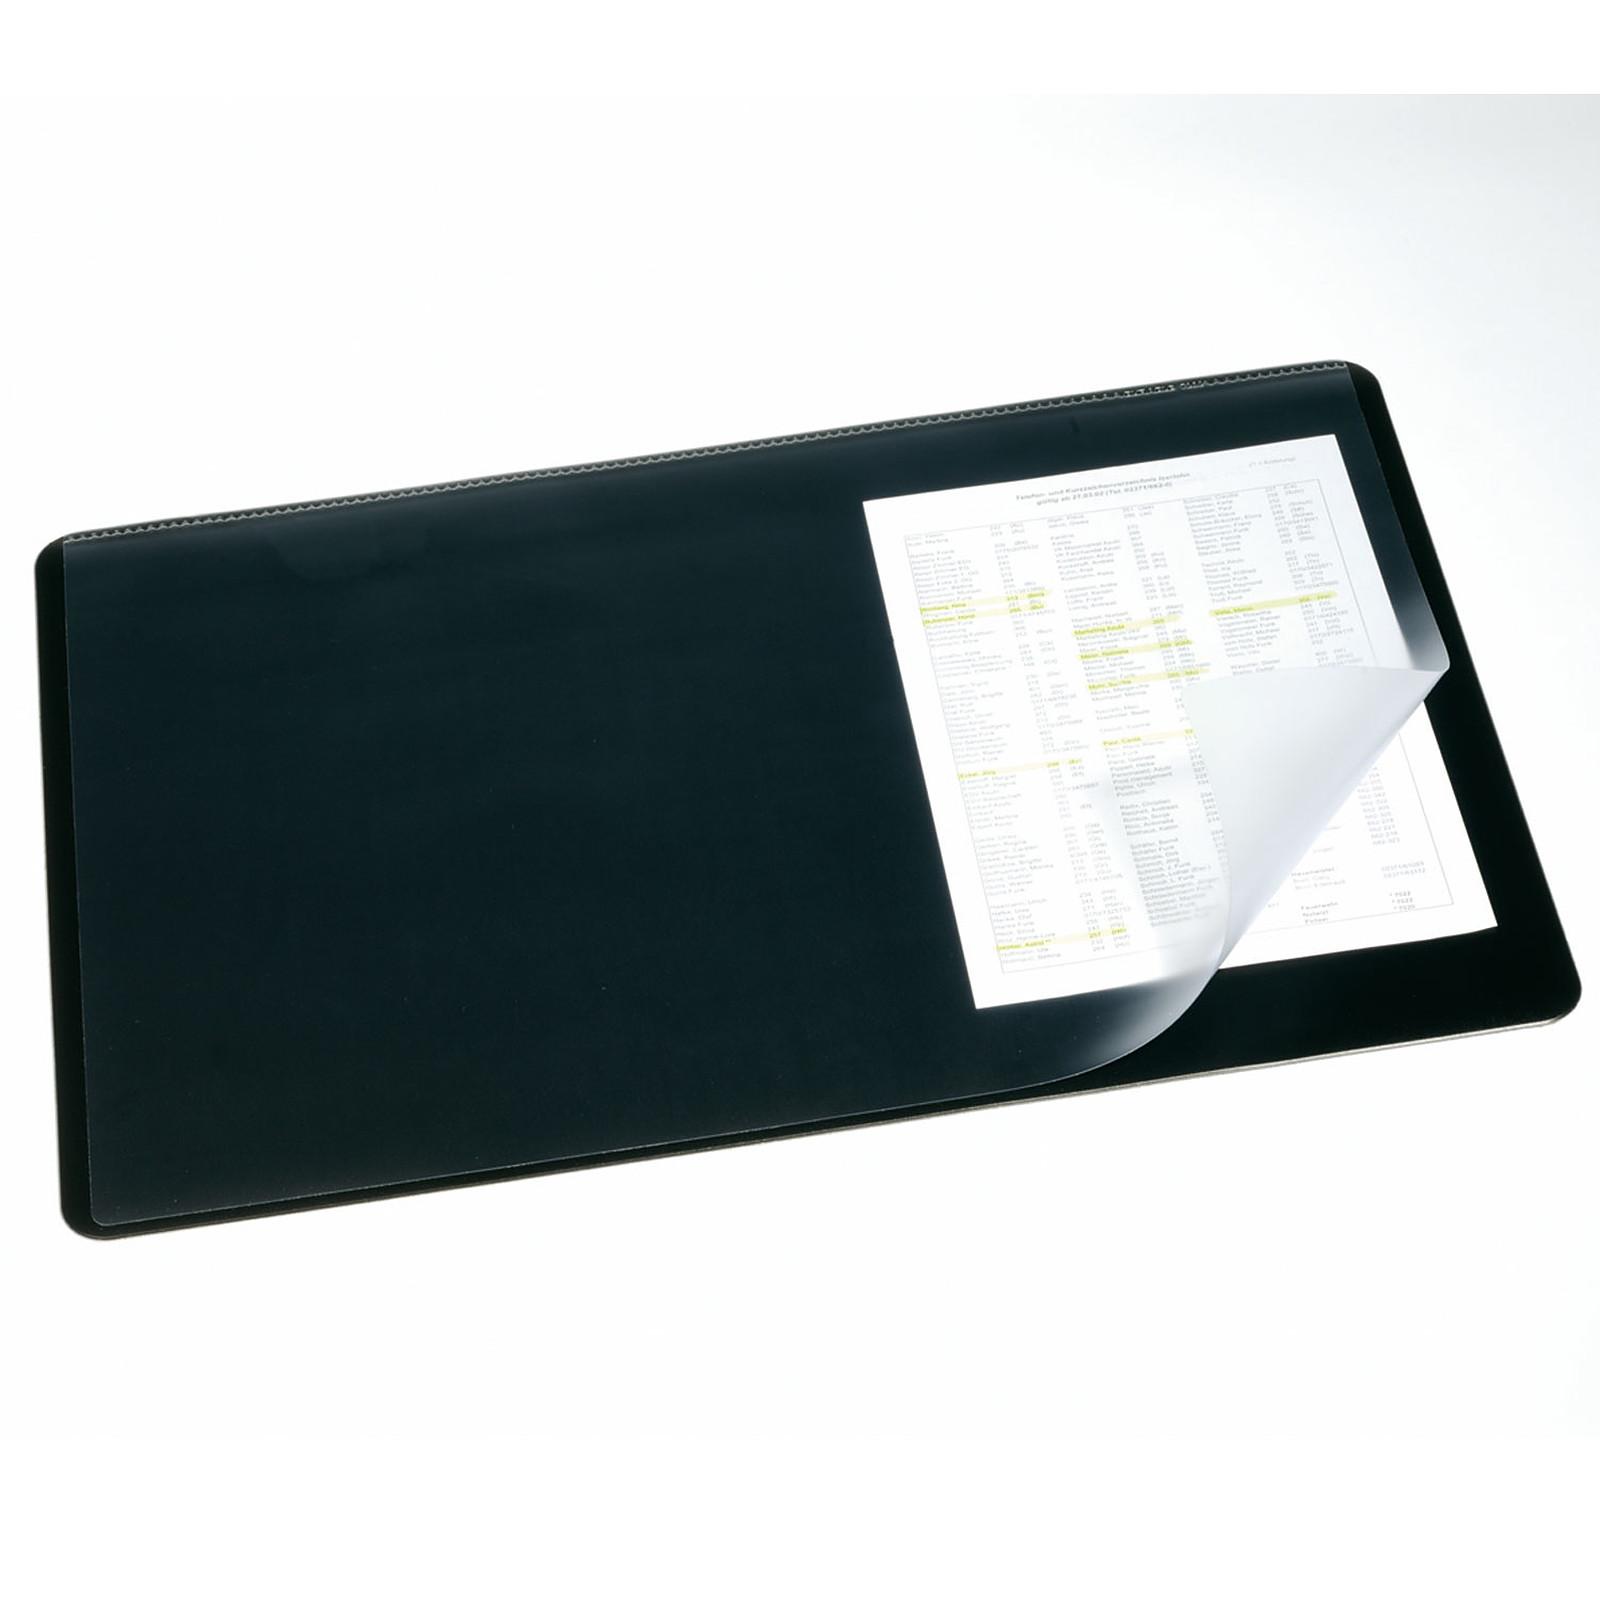 e7288cdb3e4a55 DURABLE Sous-main coloris noir avec rabat transparent 65 x 52 cm  Sous main